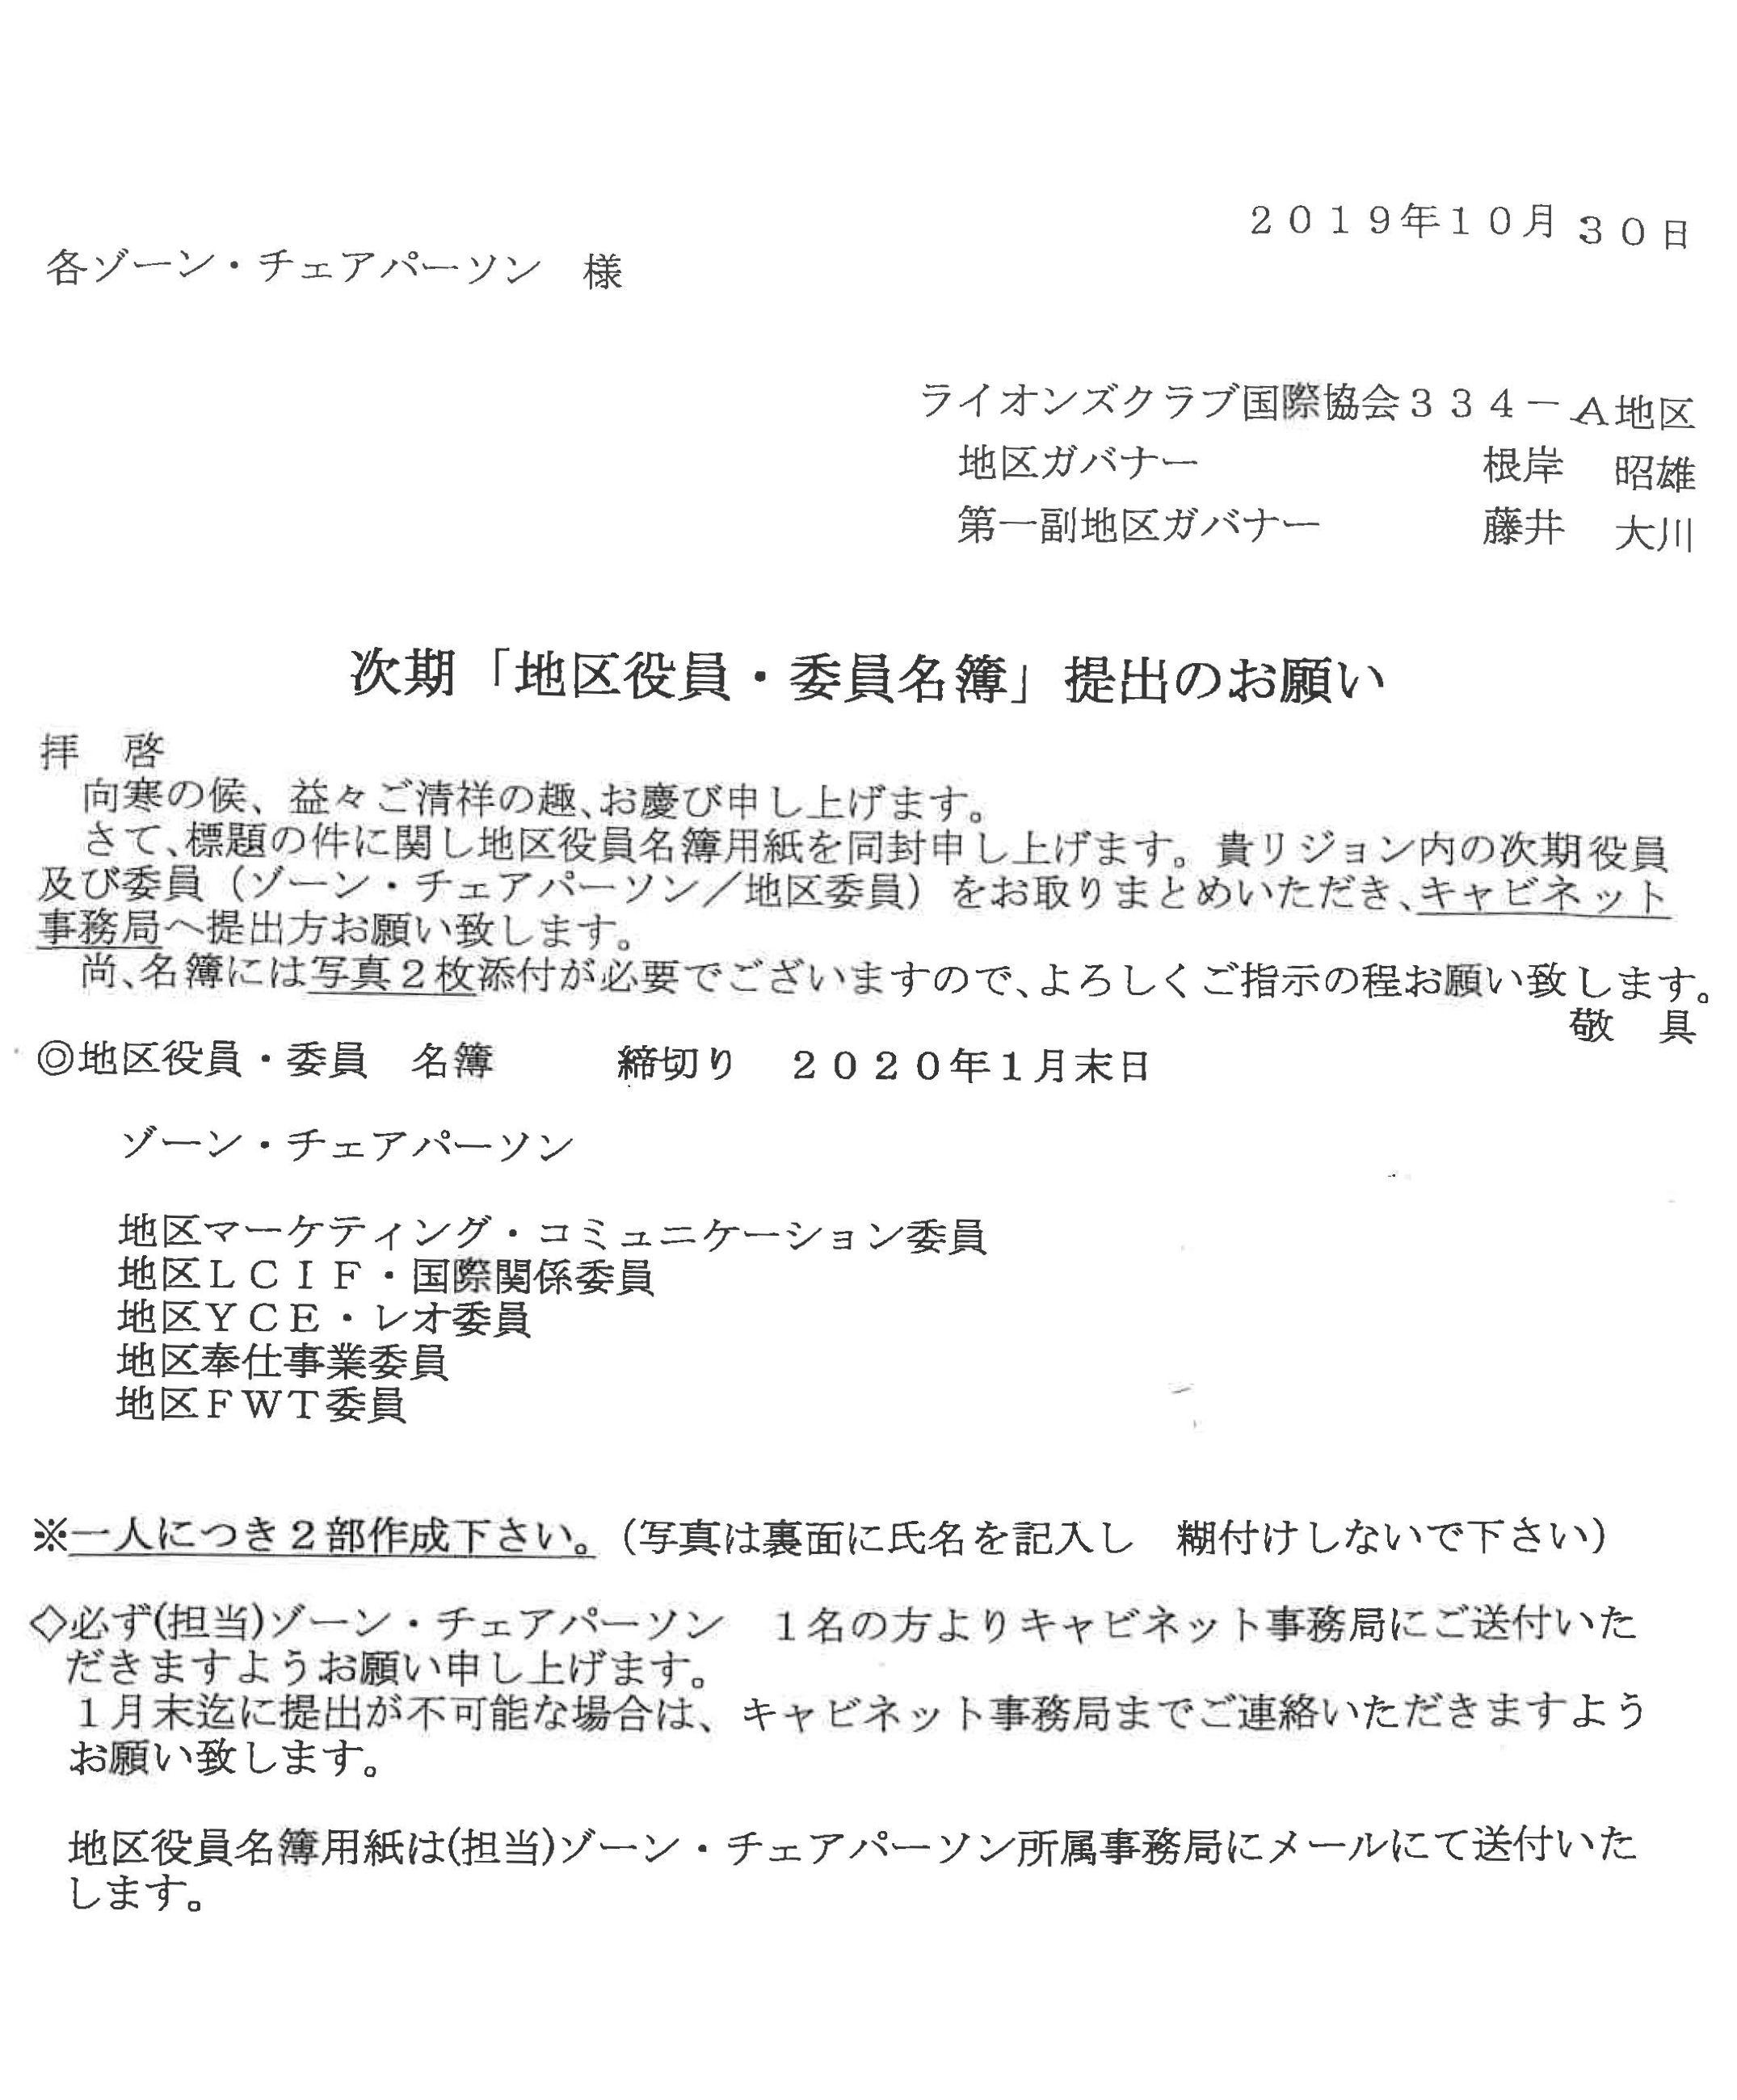 16第2回G諮問委員会Z会議 次期「地区役員・委員名簿」提出のお願い1